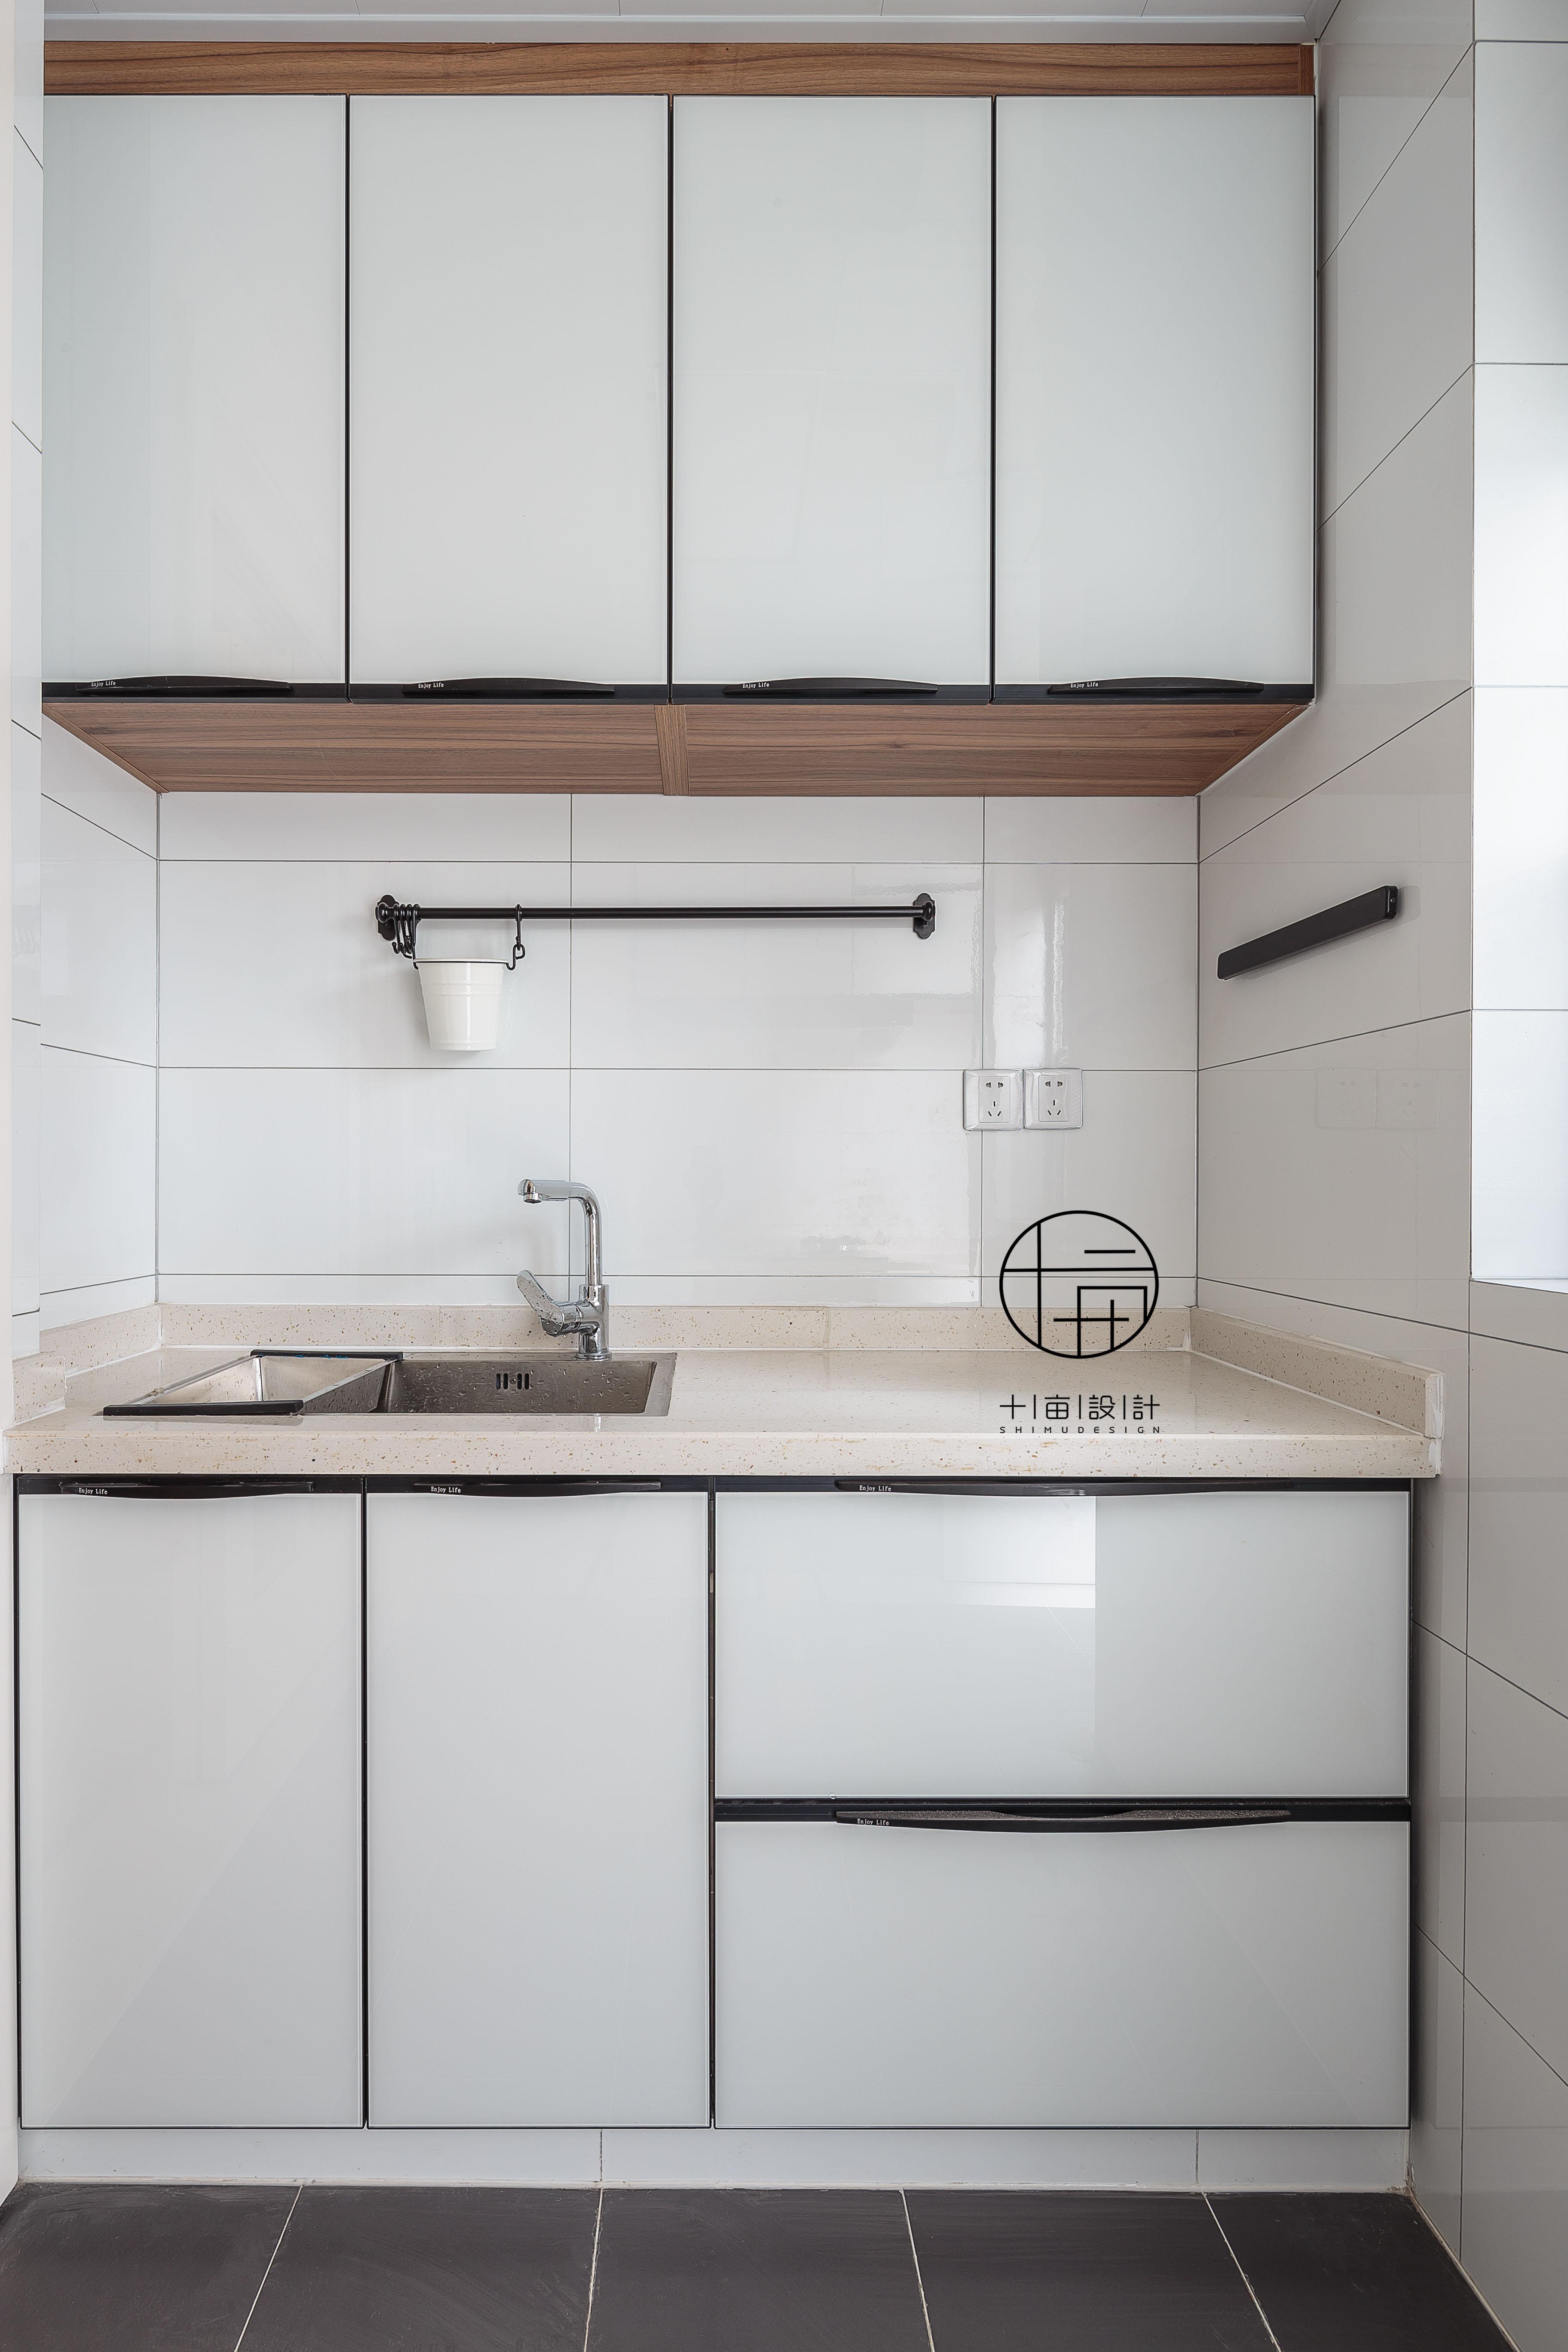 精致115平北欧三居厨房美图餐厅北欧极简厨房设计图片赏析